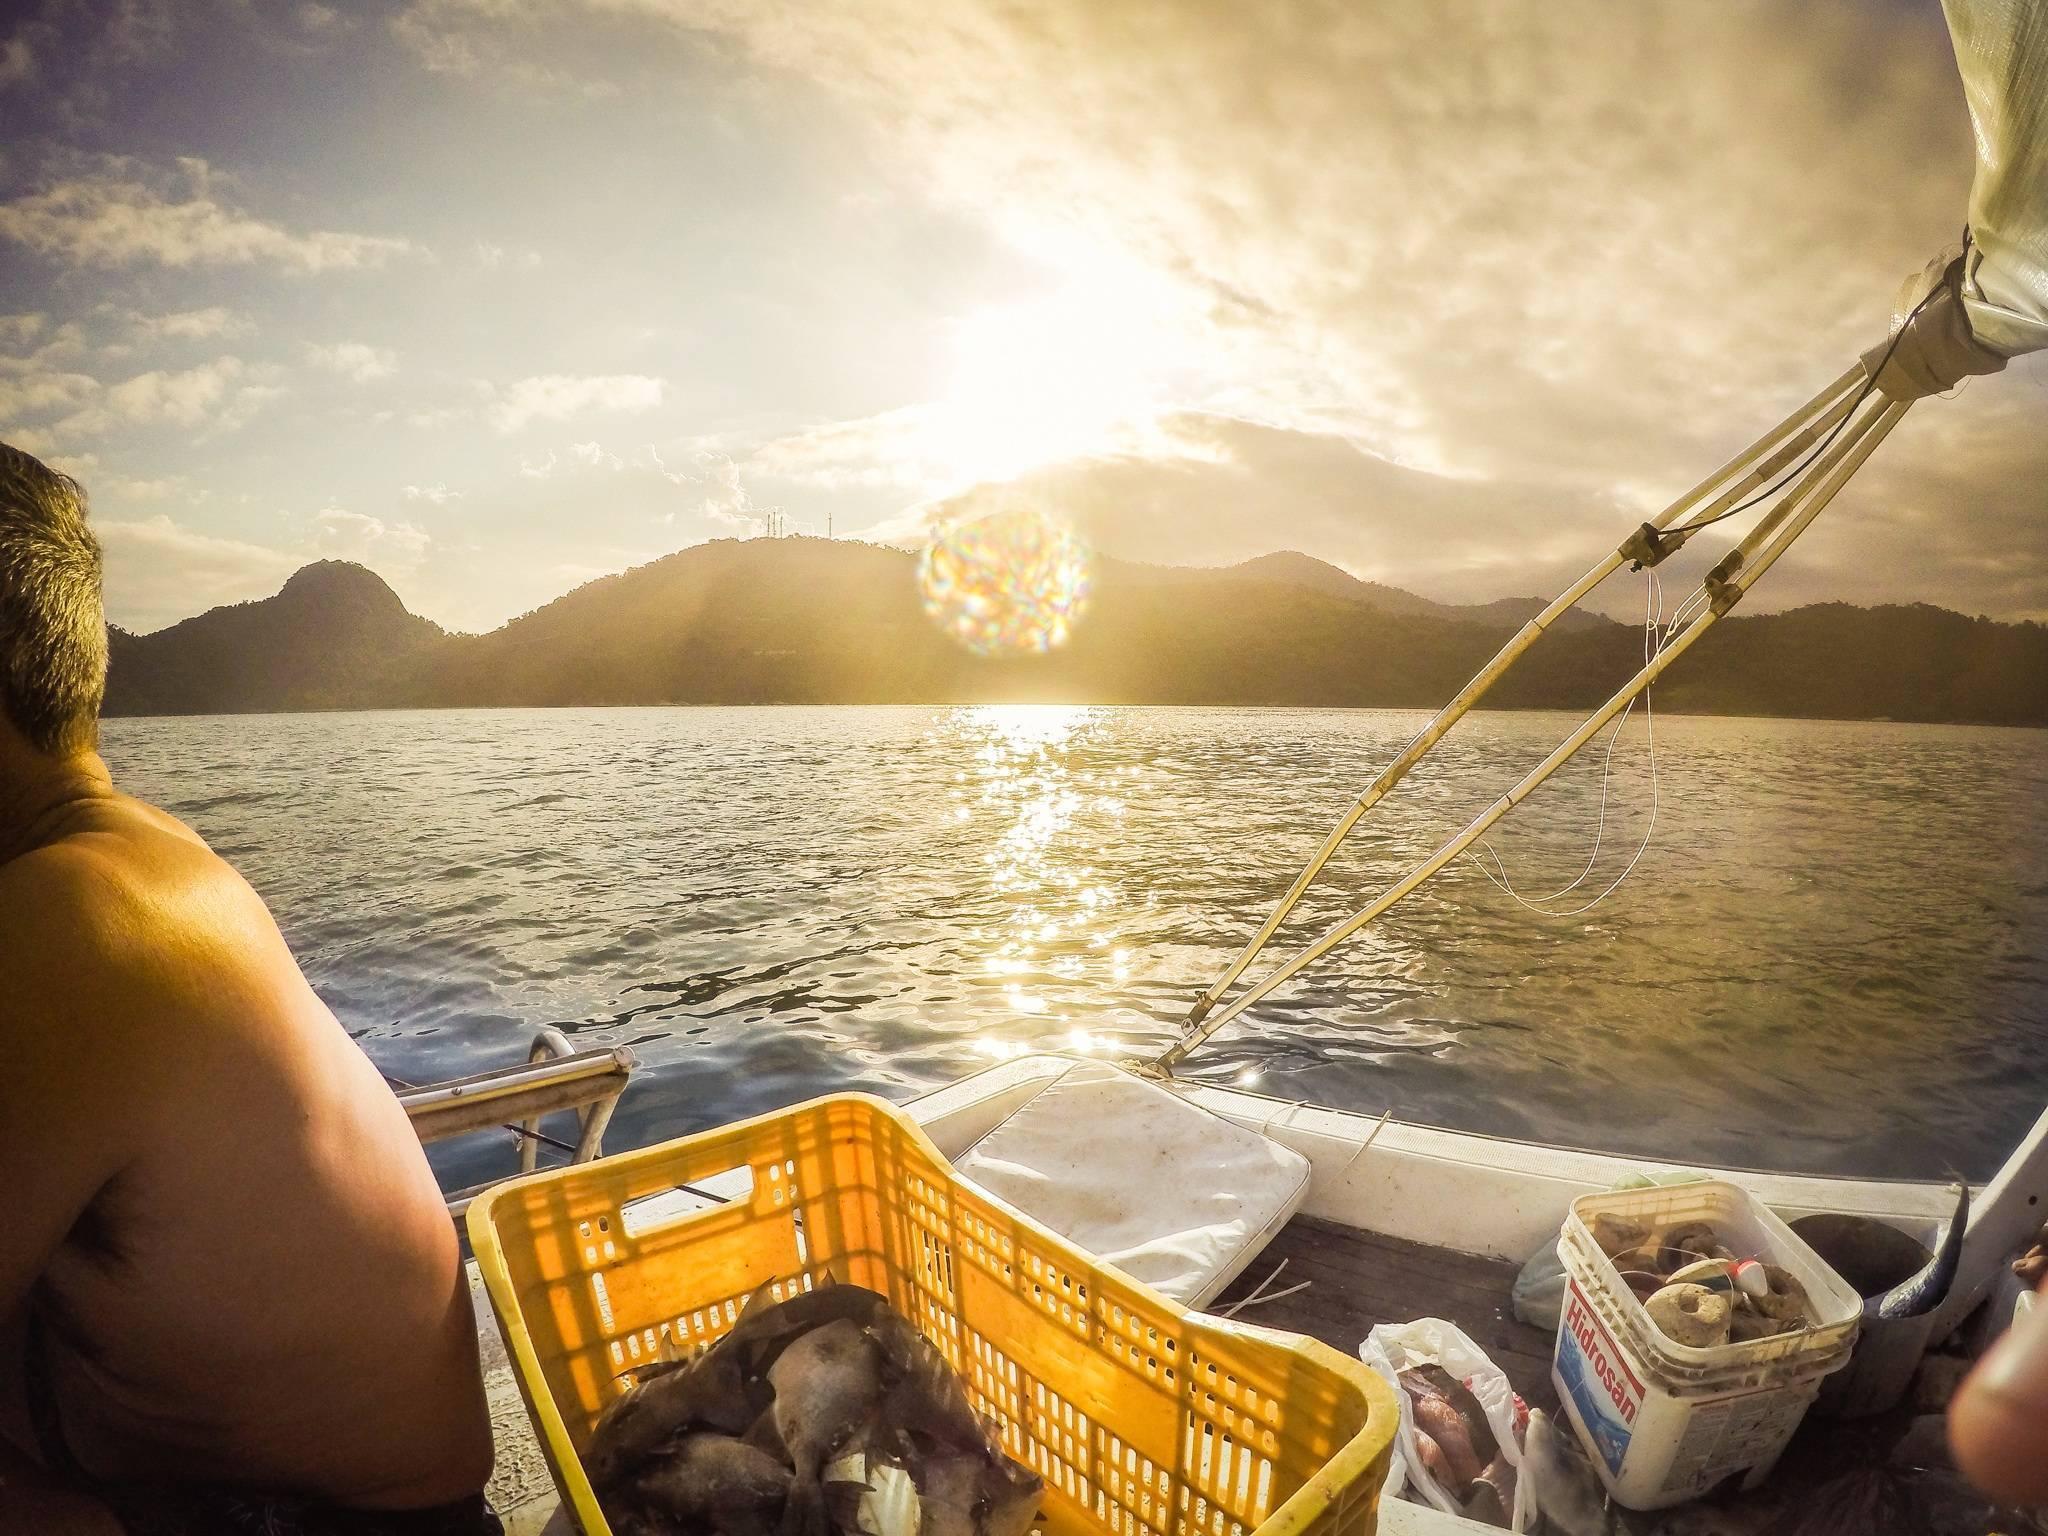 Почему на рыбалку ходят в утренние часы, физиология рыб и другие причины